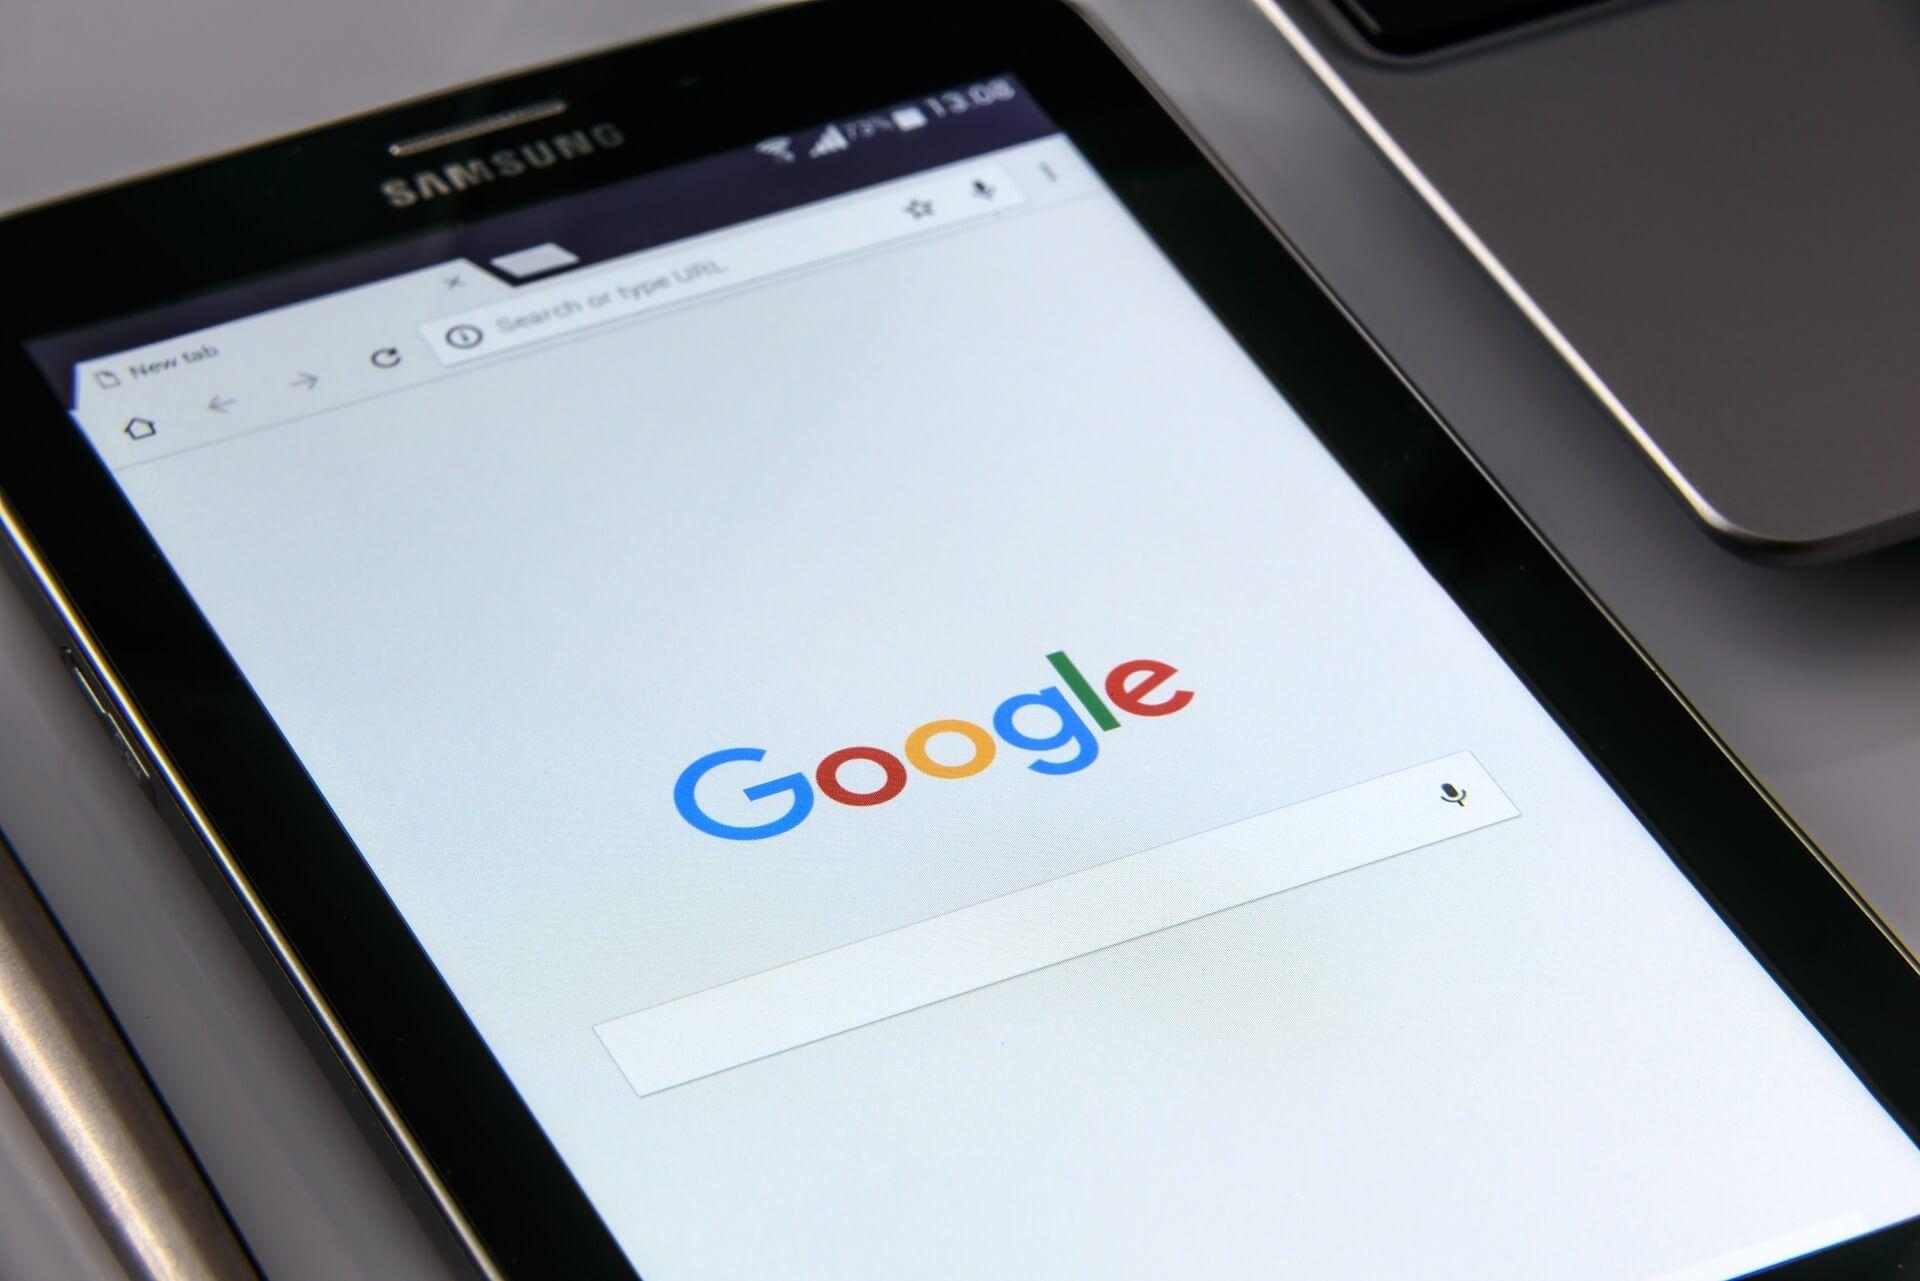 Ricerca Per Immagini Mobile come si fa la ricerca per #immagini attraverso lo smartphone